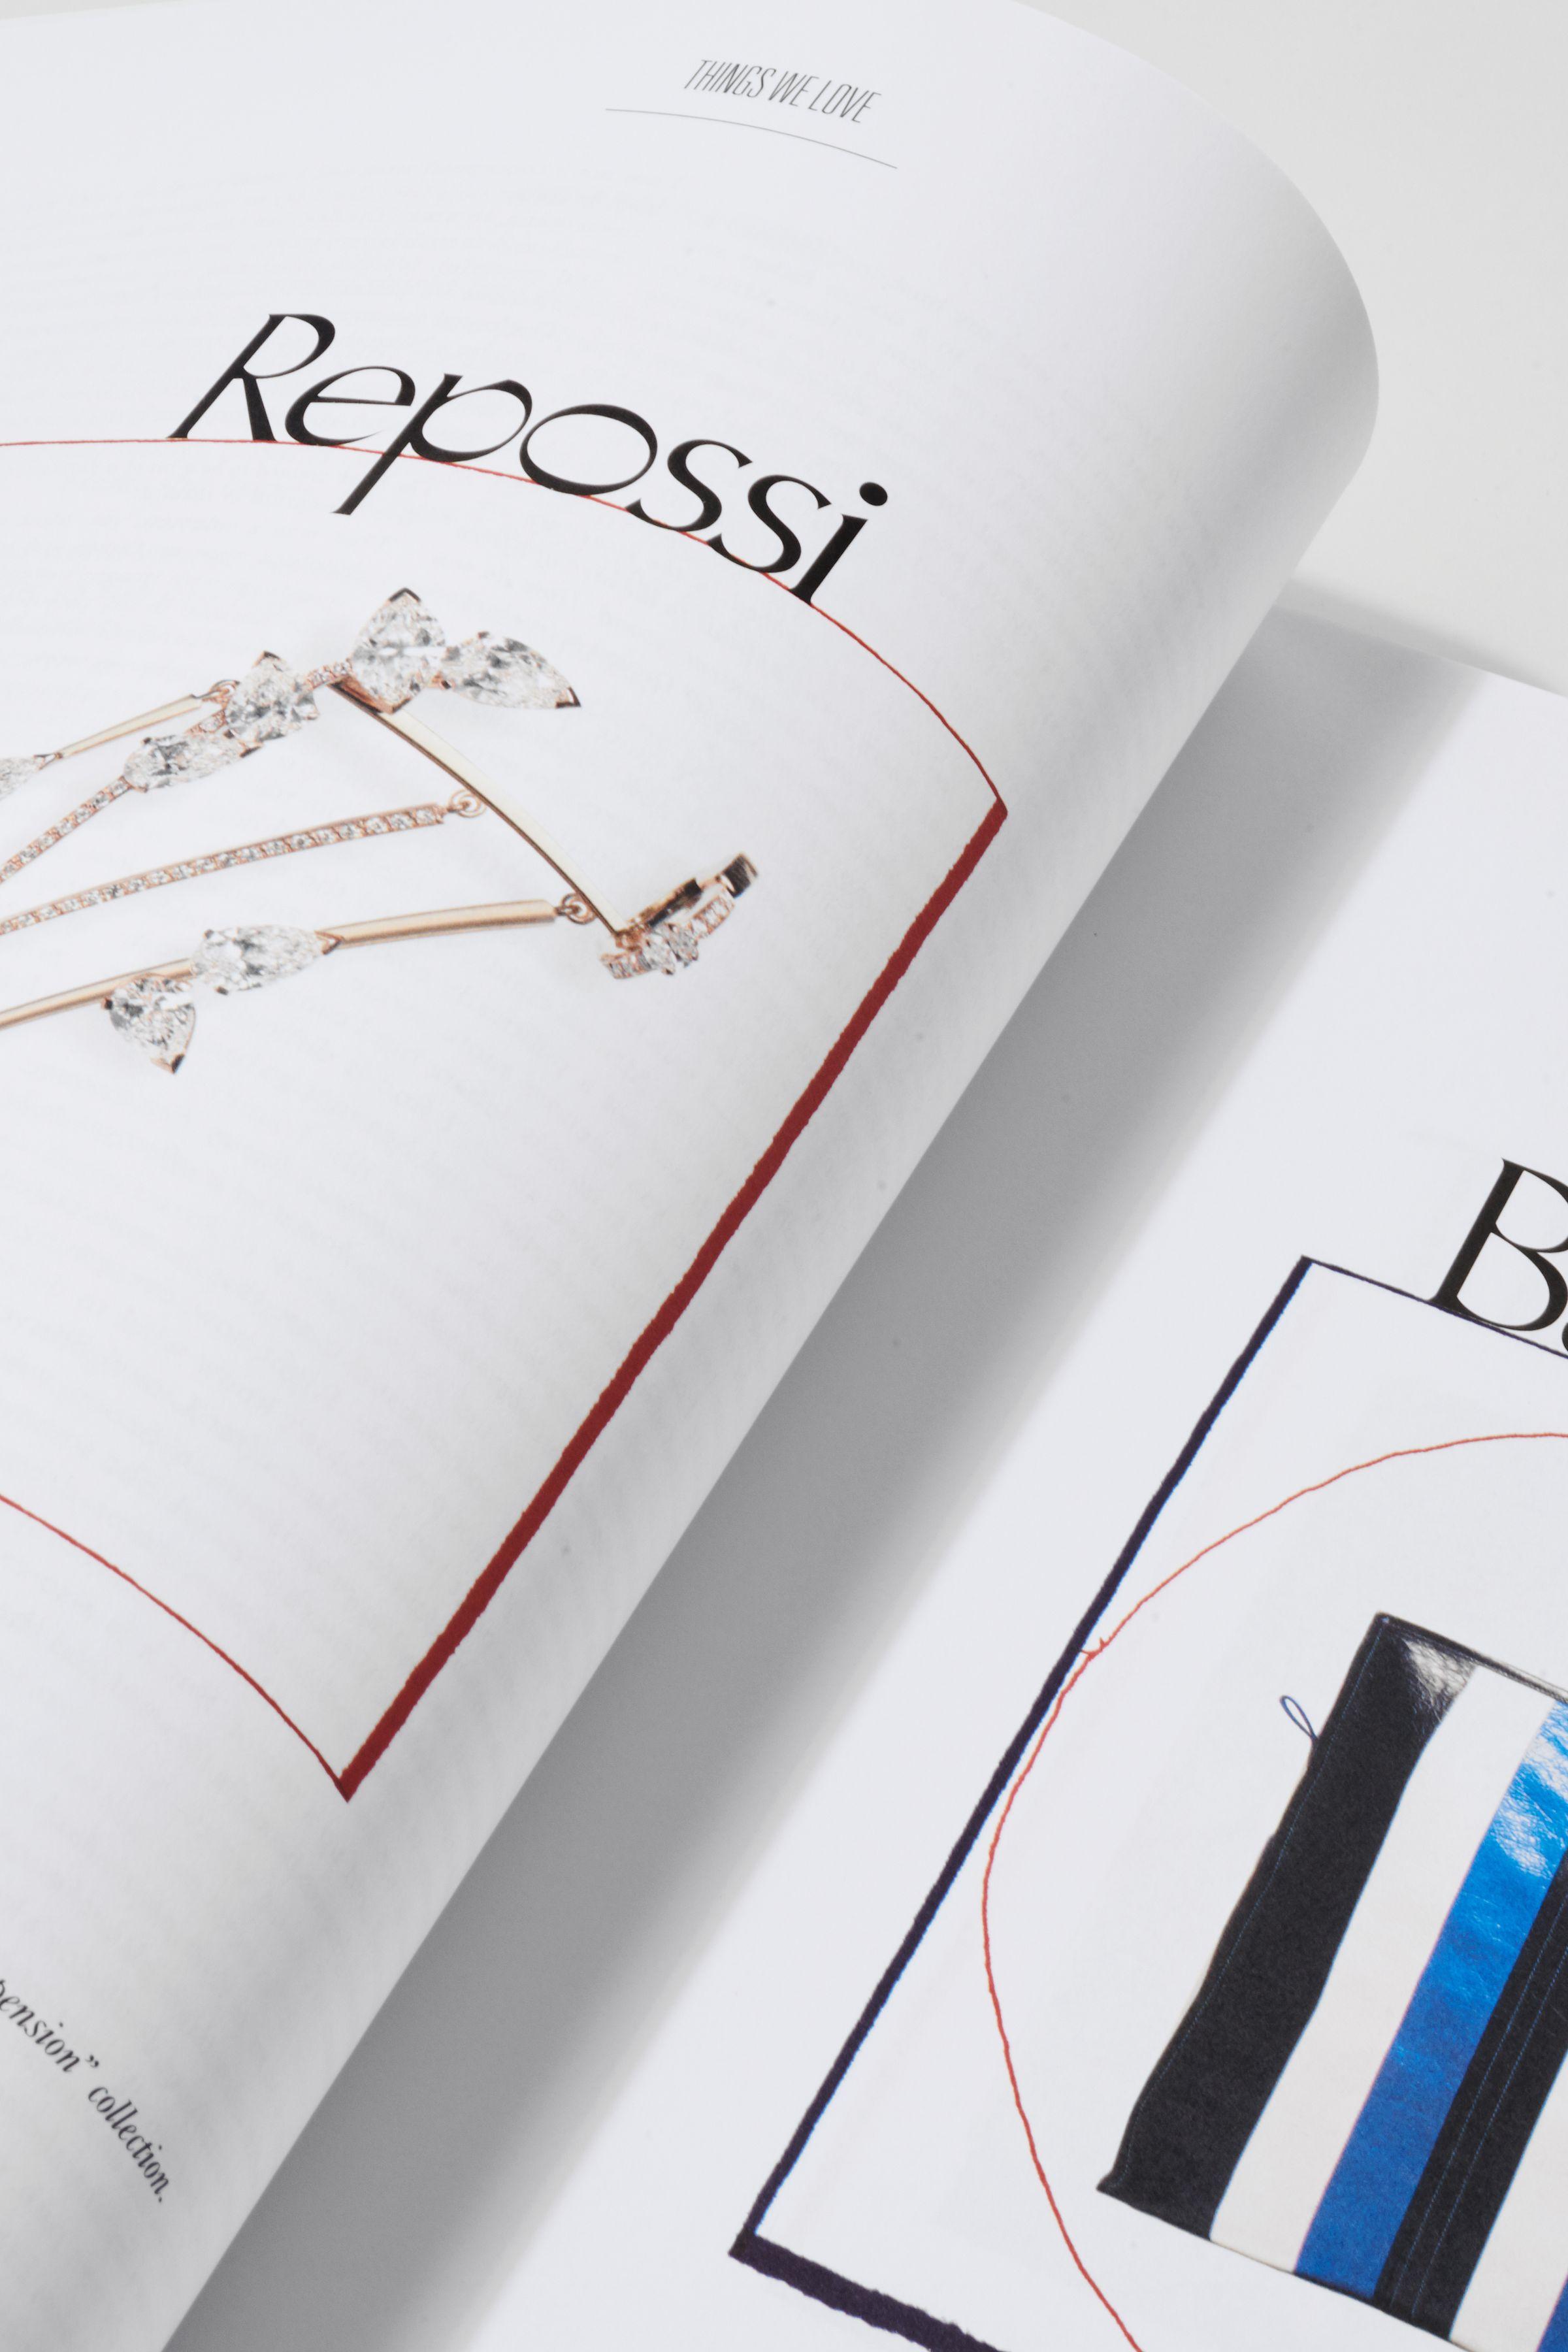 Rika Magazine issue no. 15 design detail